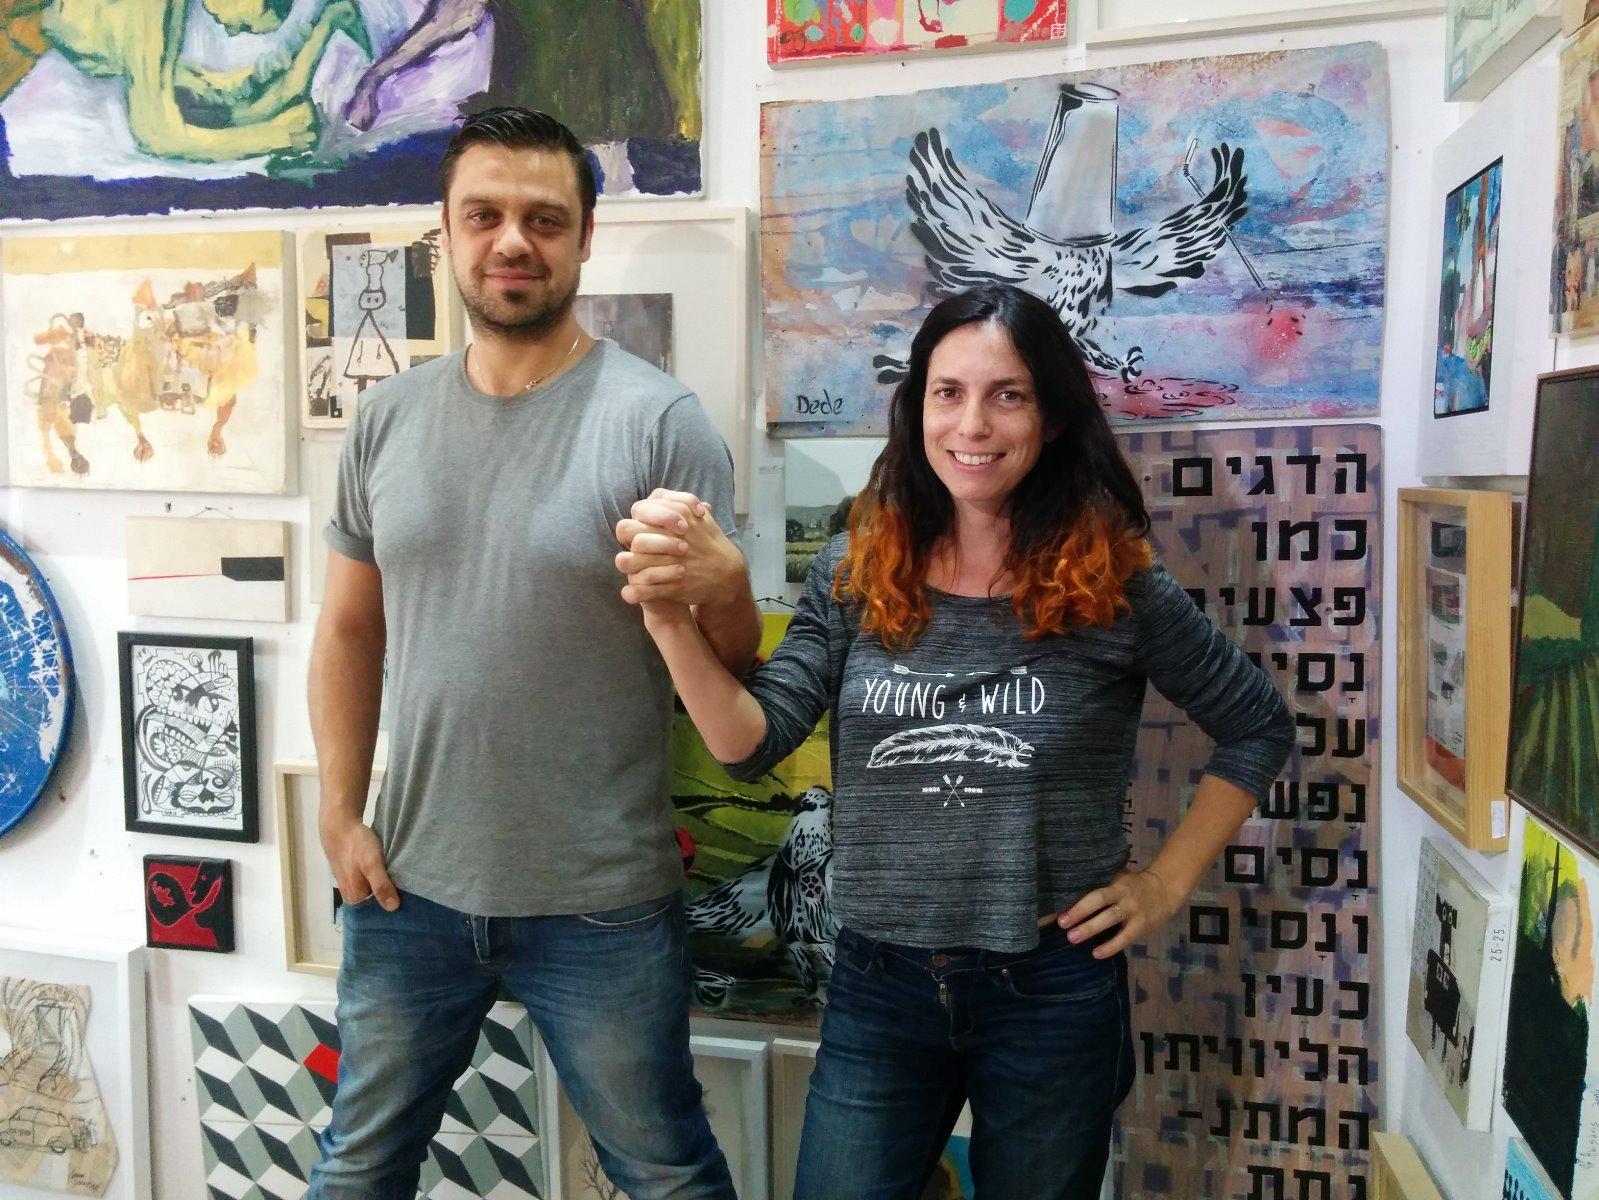 Under 1000 Gallery managers Niv Borenstein and Shira Gepstien Moshkovich. Photo by Abigail Klein Leichman